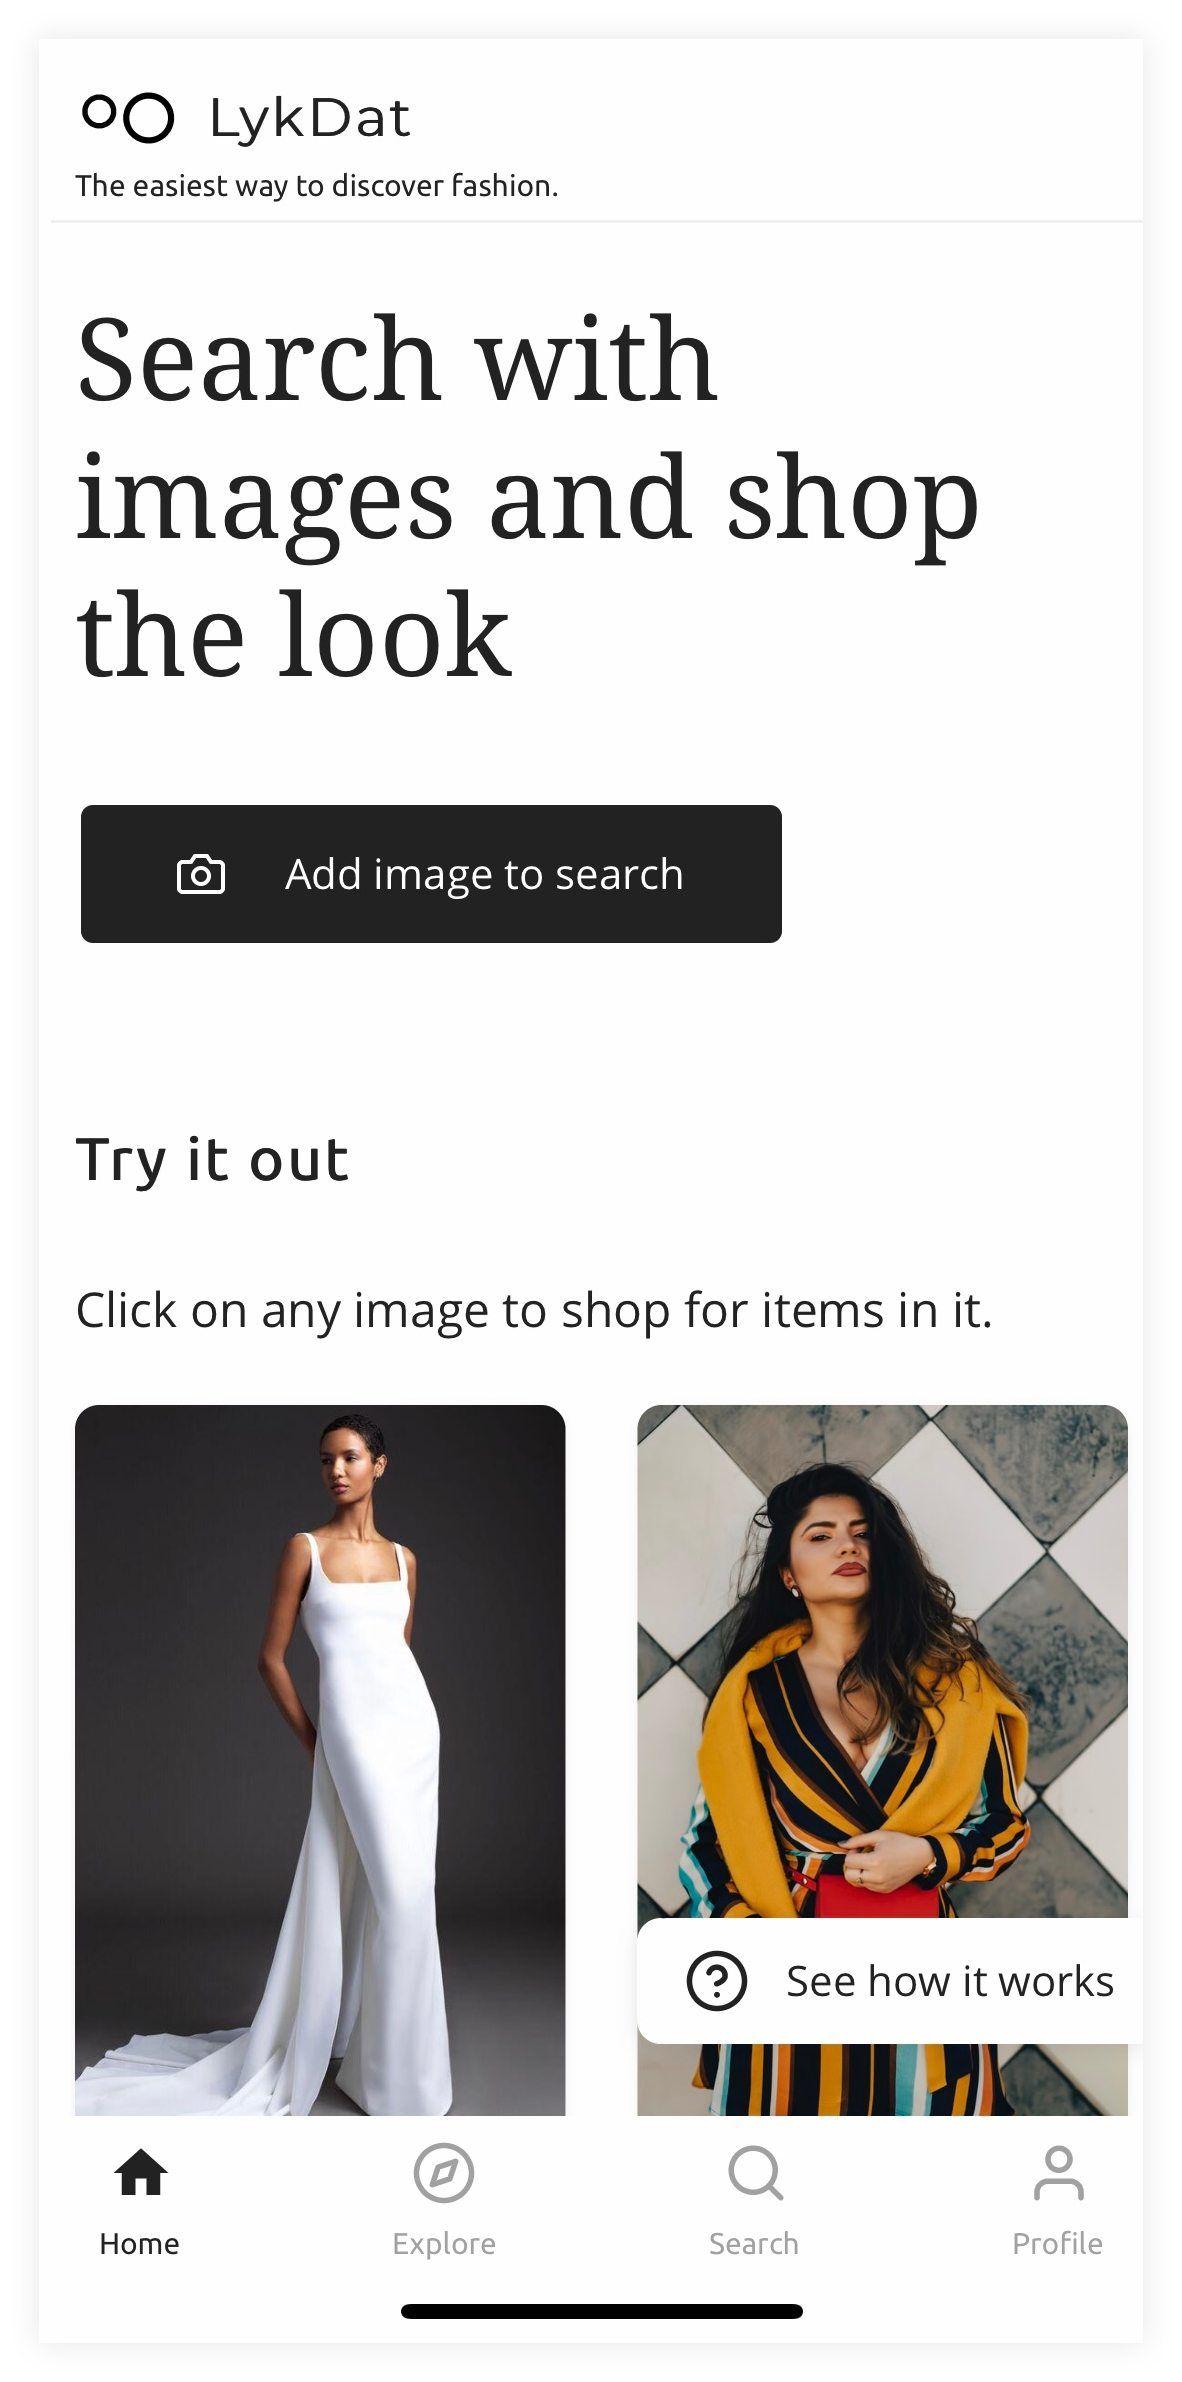 LykDat homepage